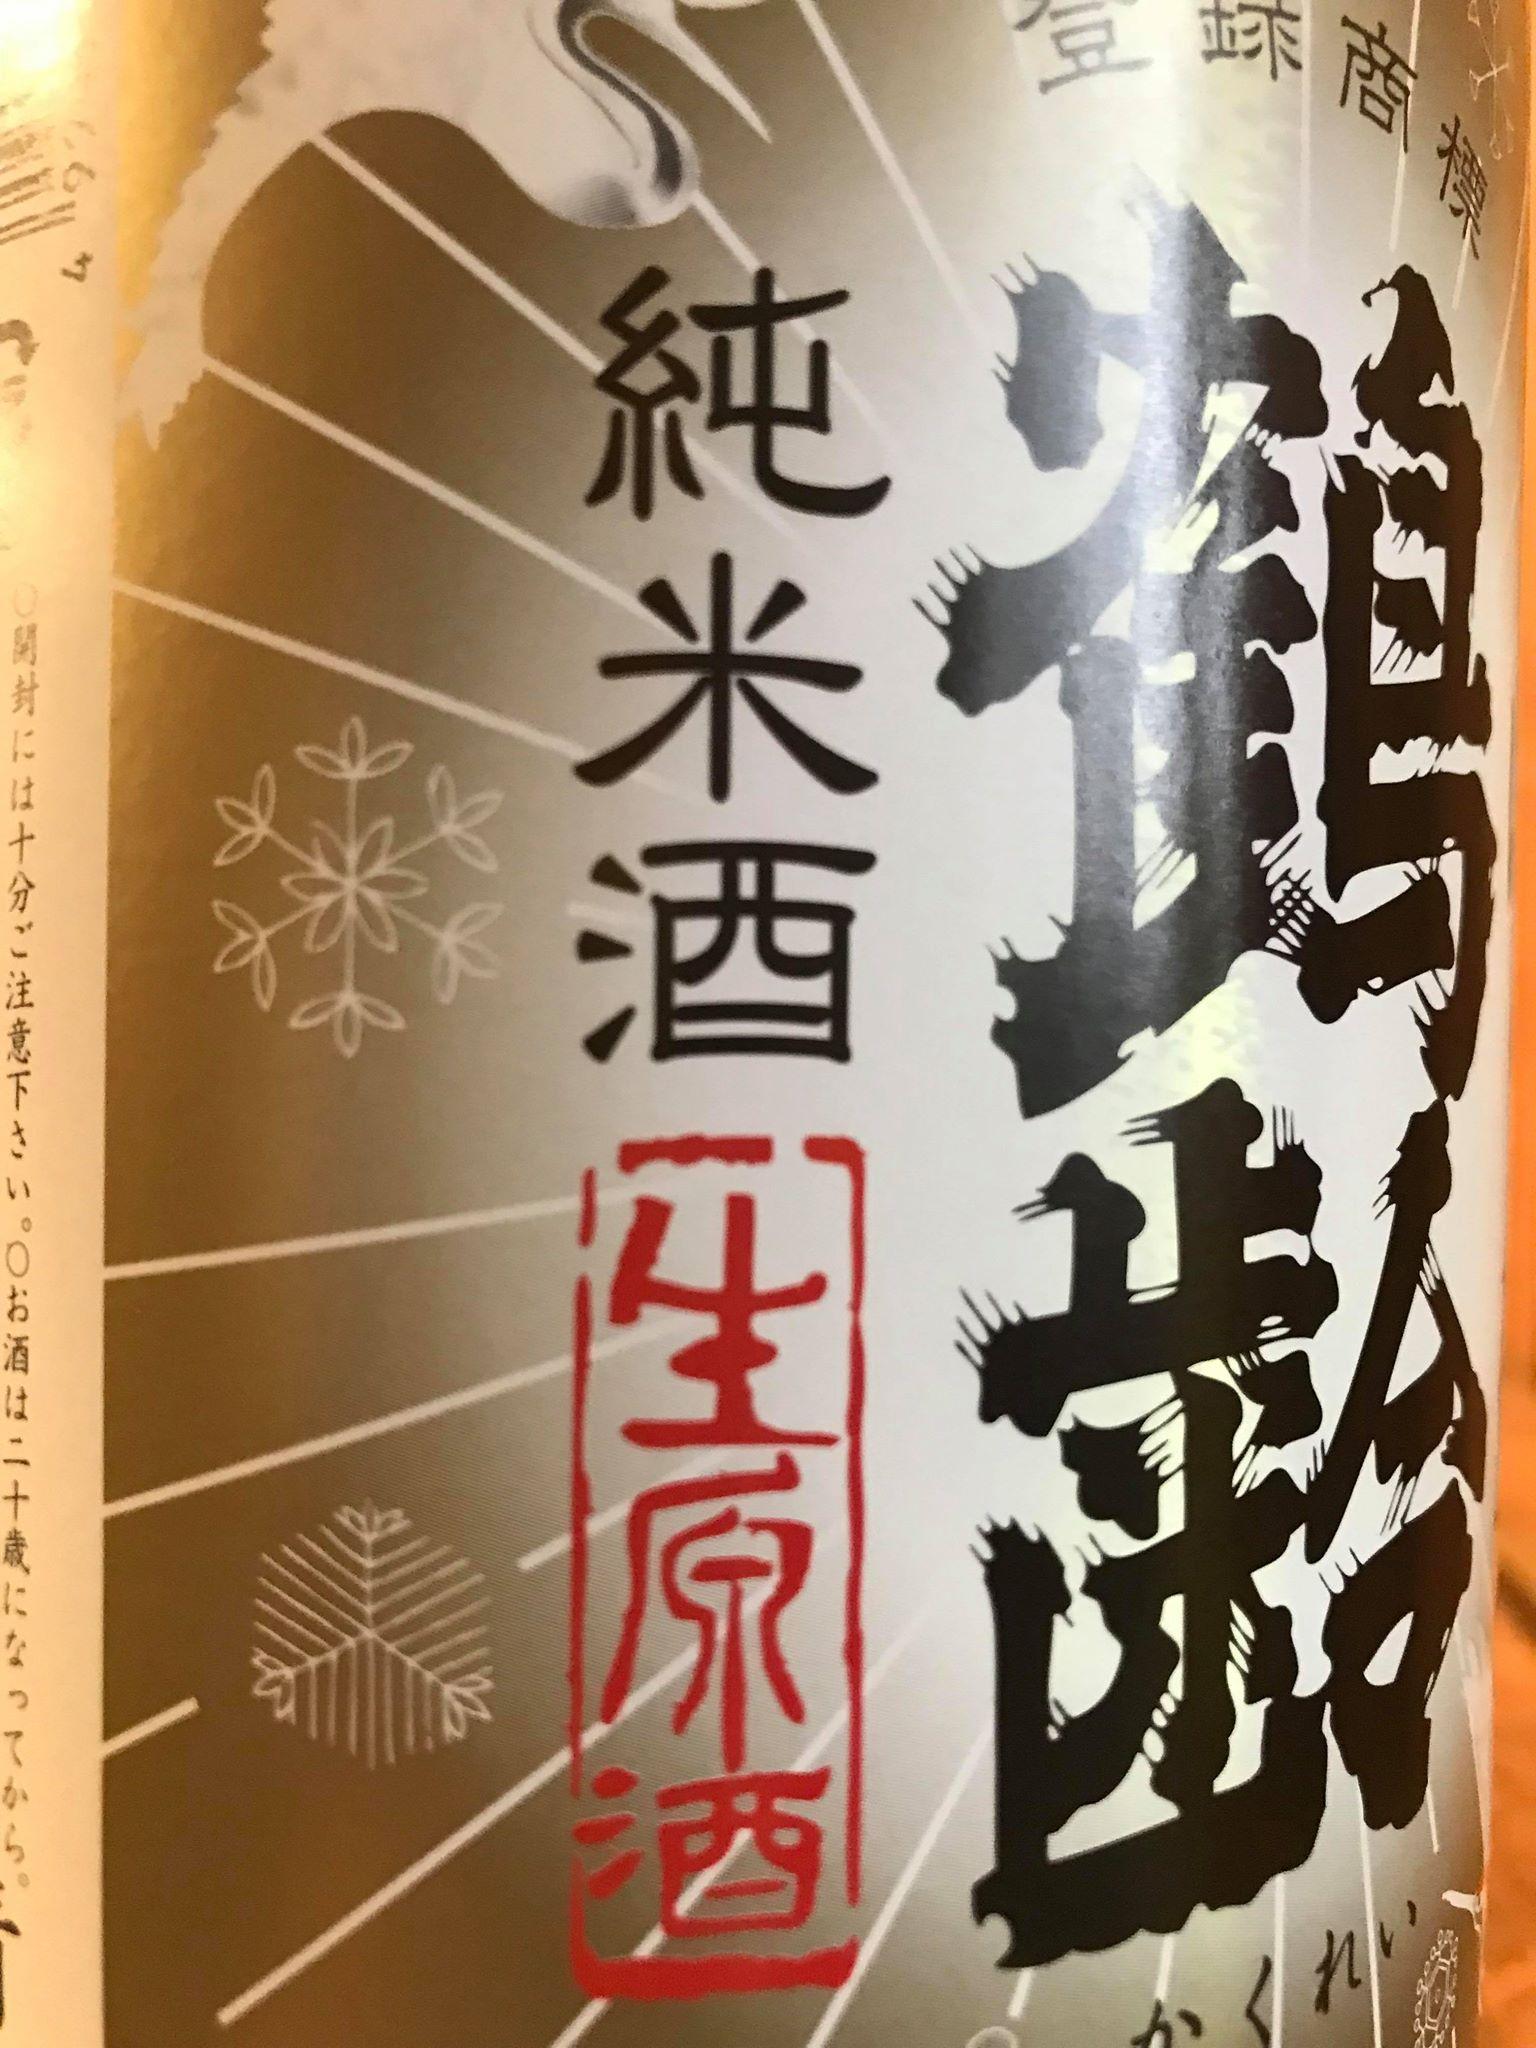 【日本酒】鶴齢 しぼりたて純米 槽口詰め 無濾過生原酒 越淡麗60 限定 新酒30BY_e0173738_1011526.jpg